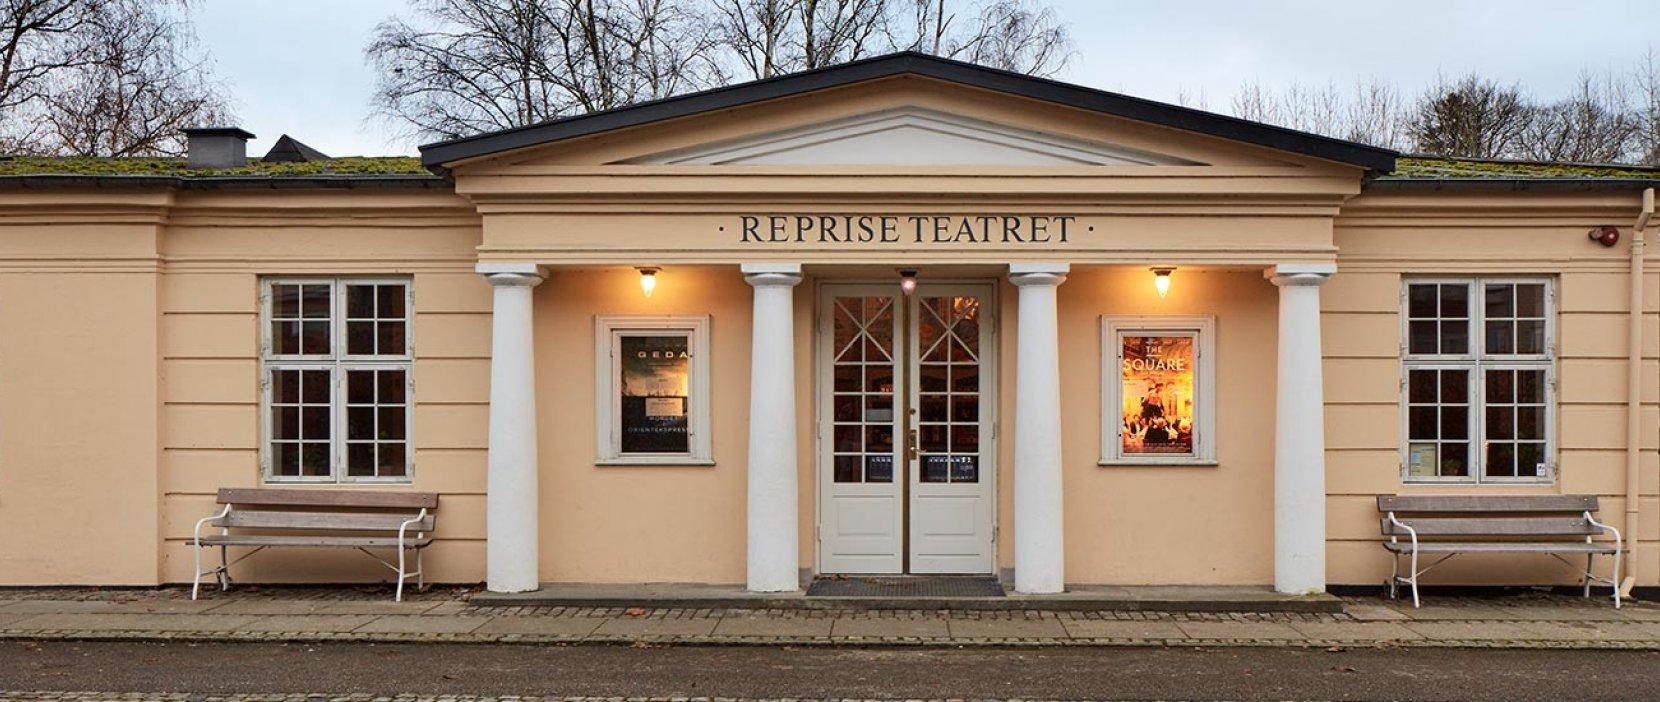 facade-reprise-teatret-dag